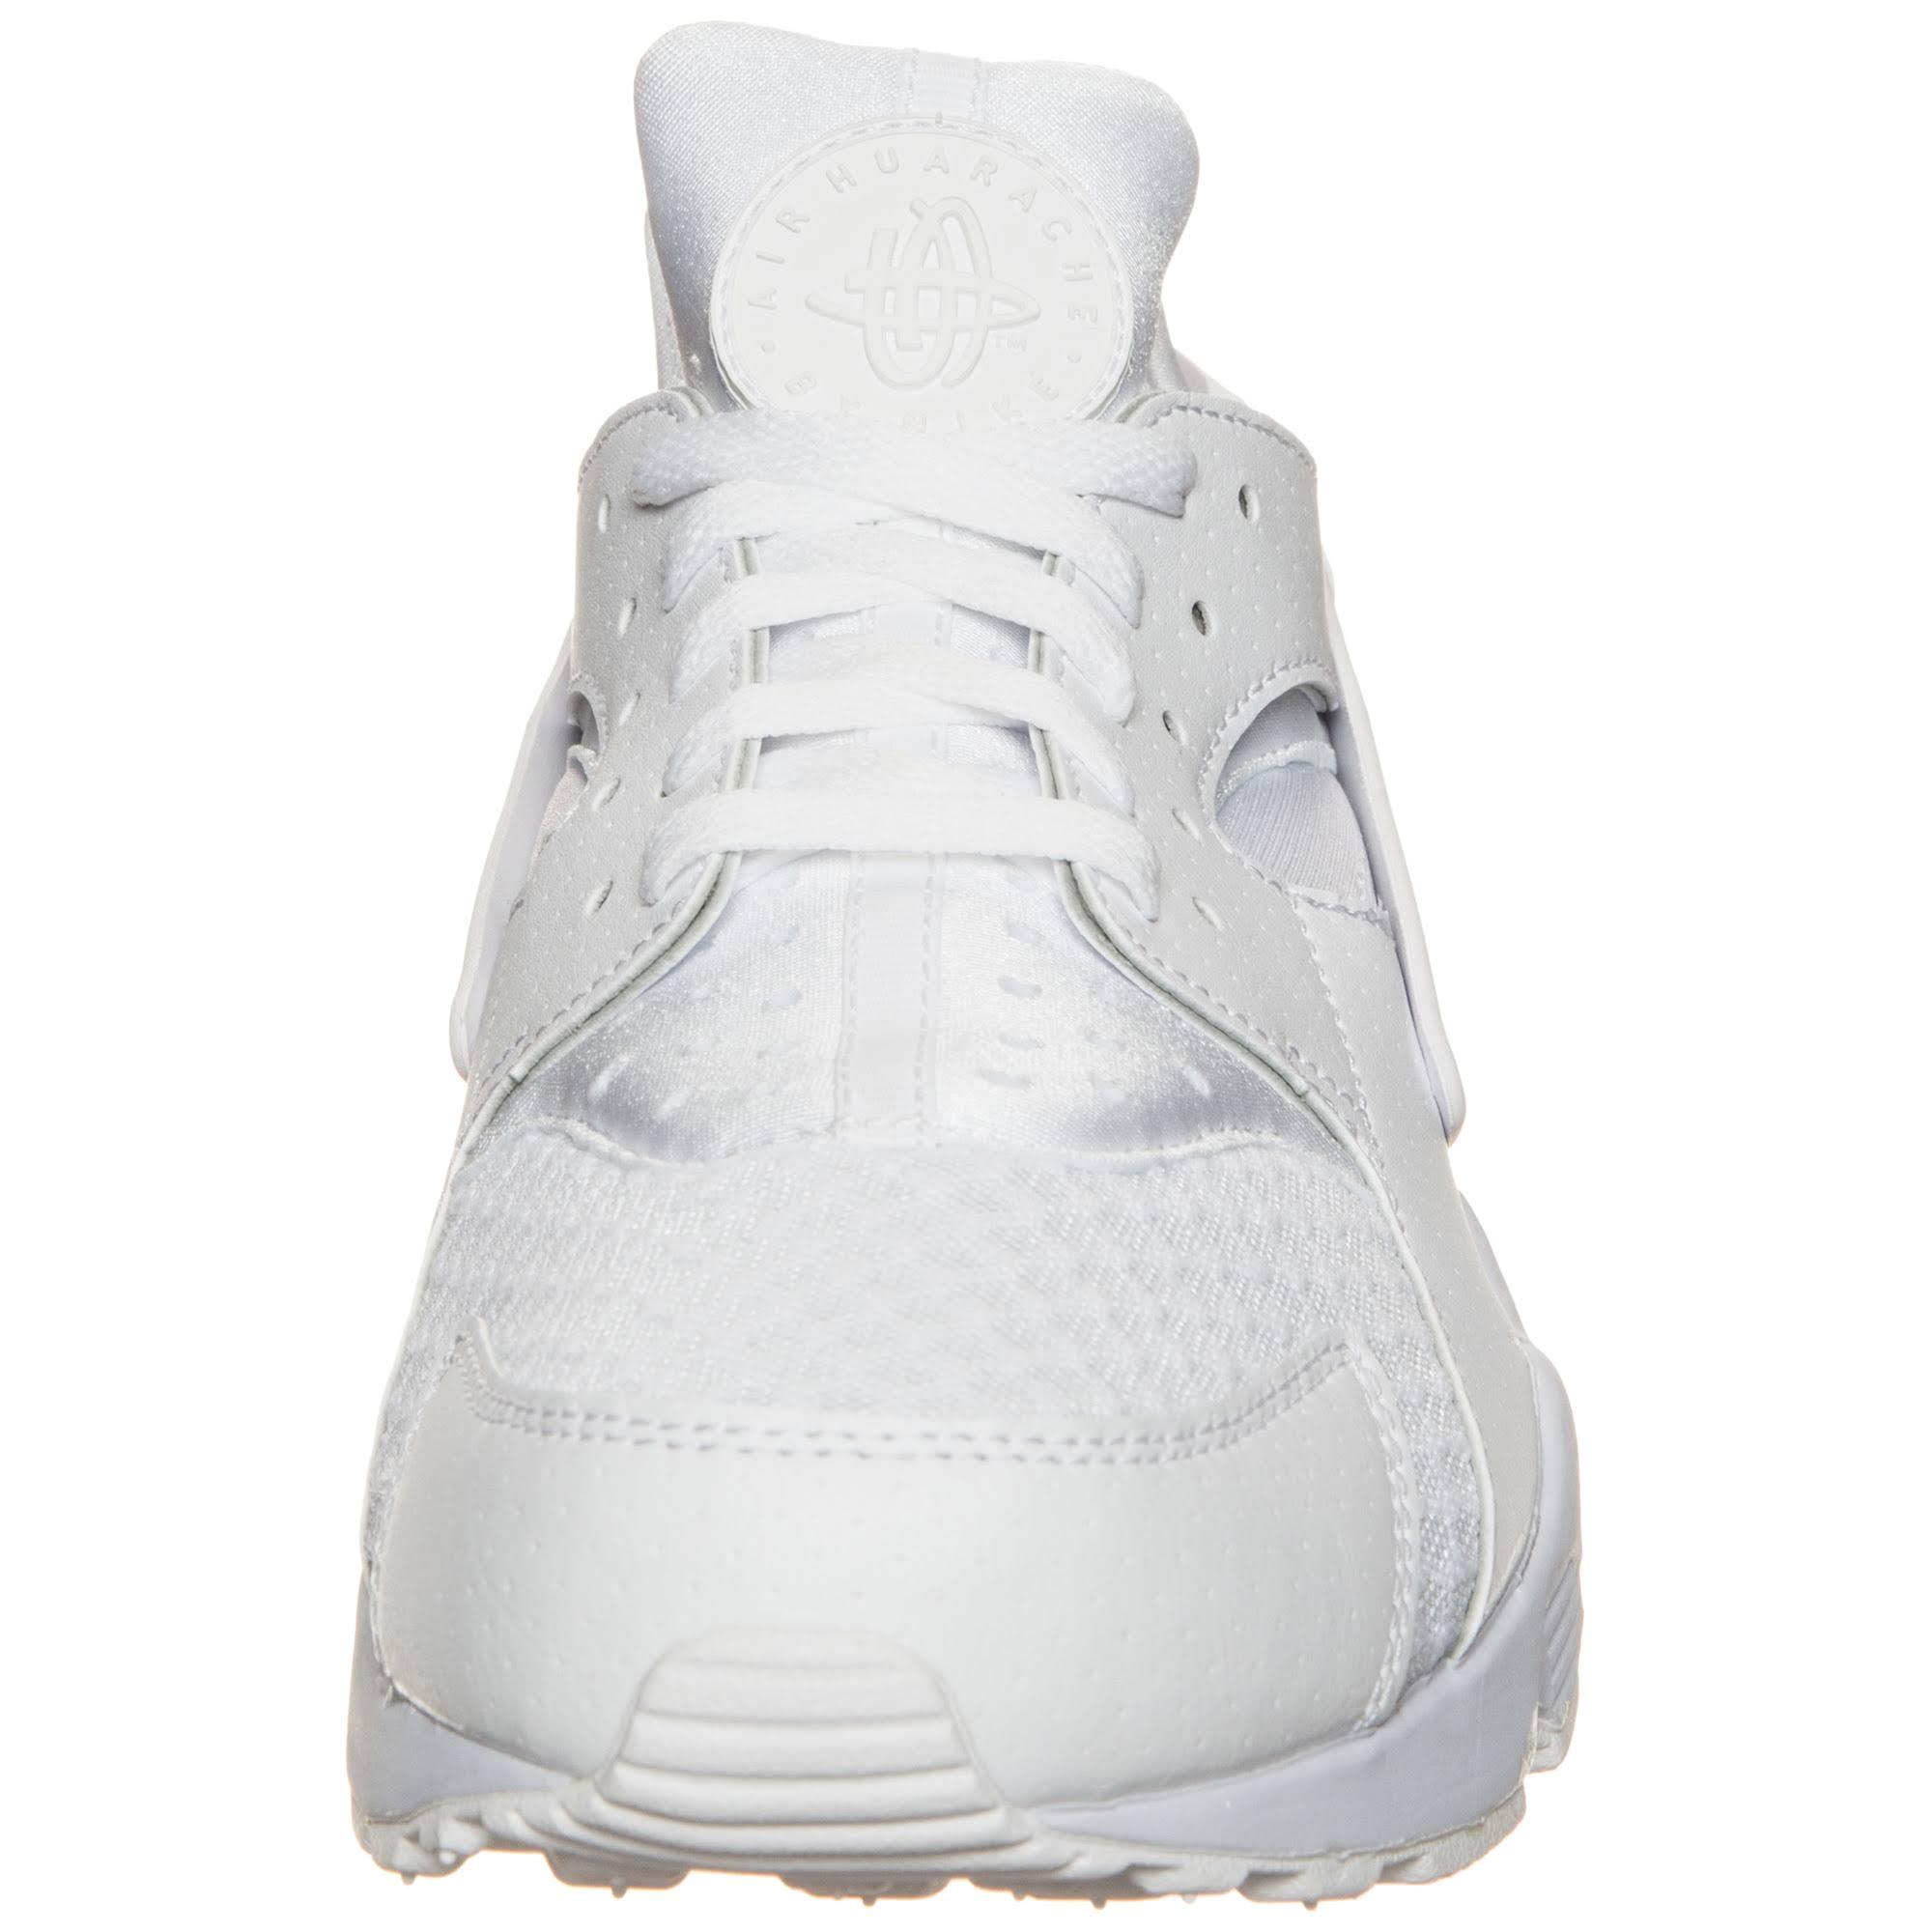 Air Huarache Platinum pure white white Weiß Nike AFgWqndd